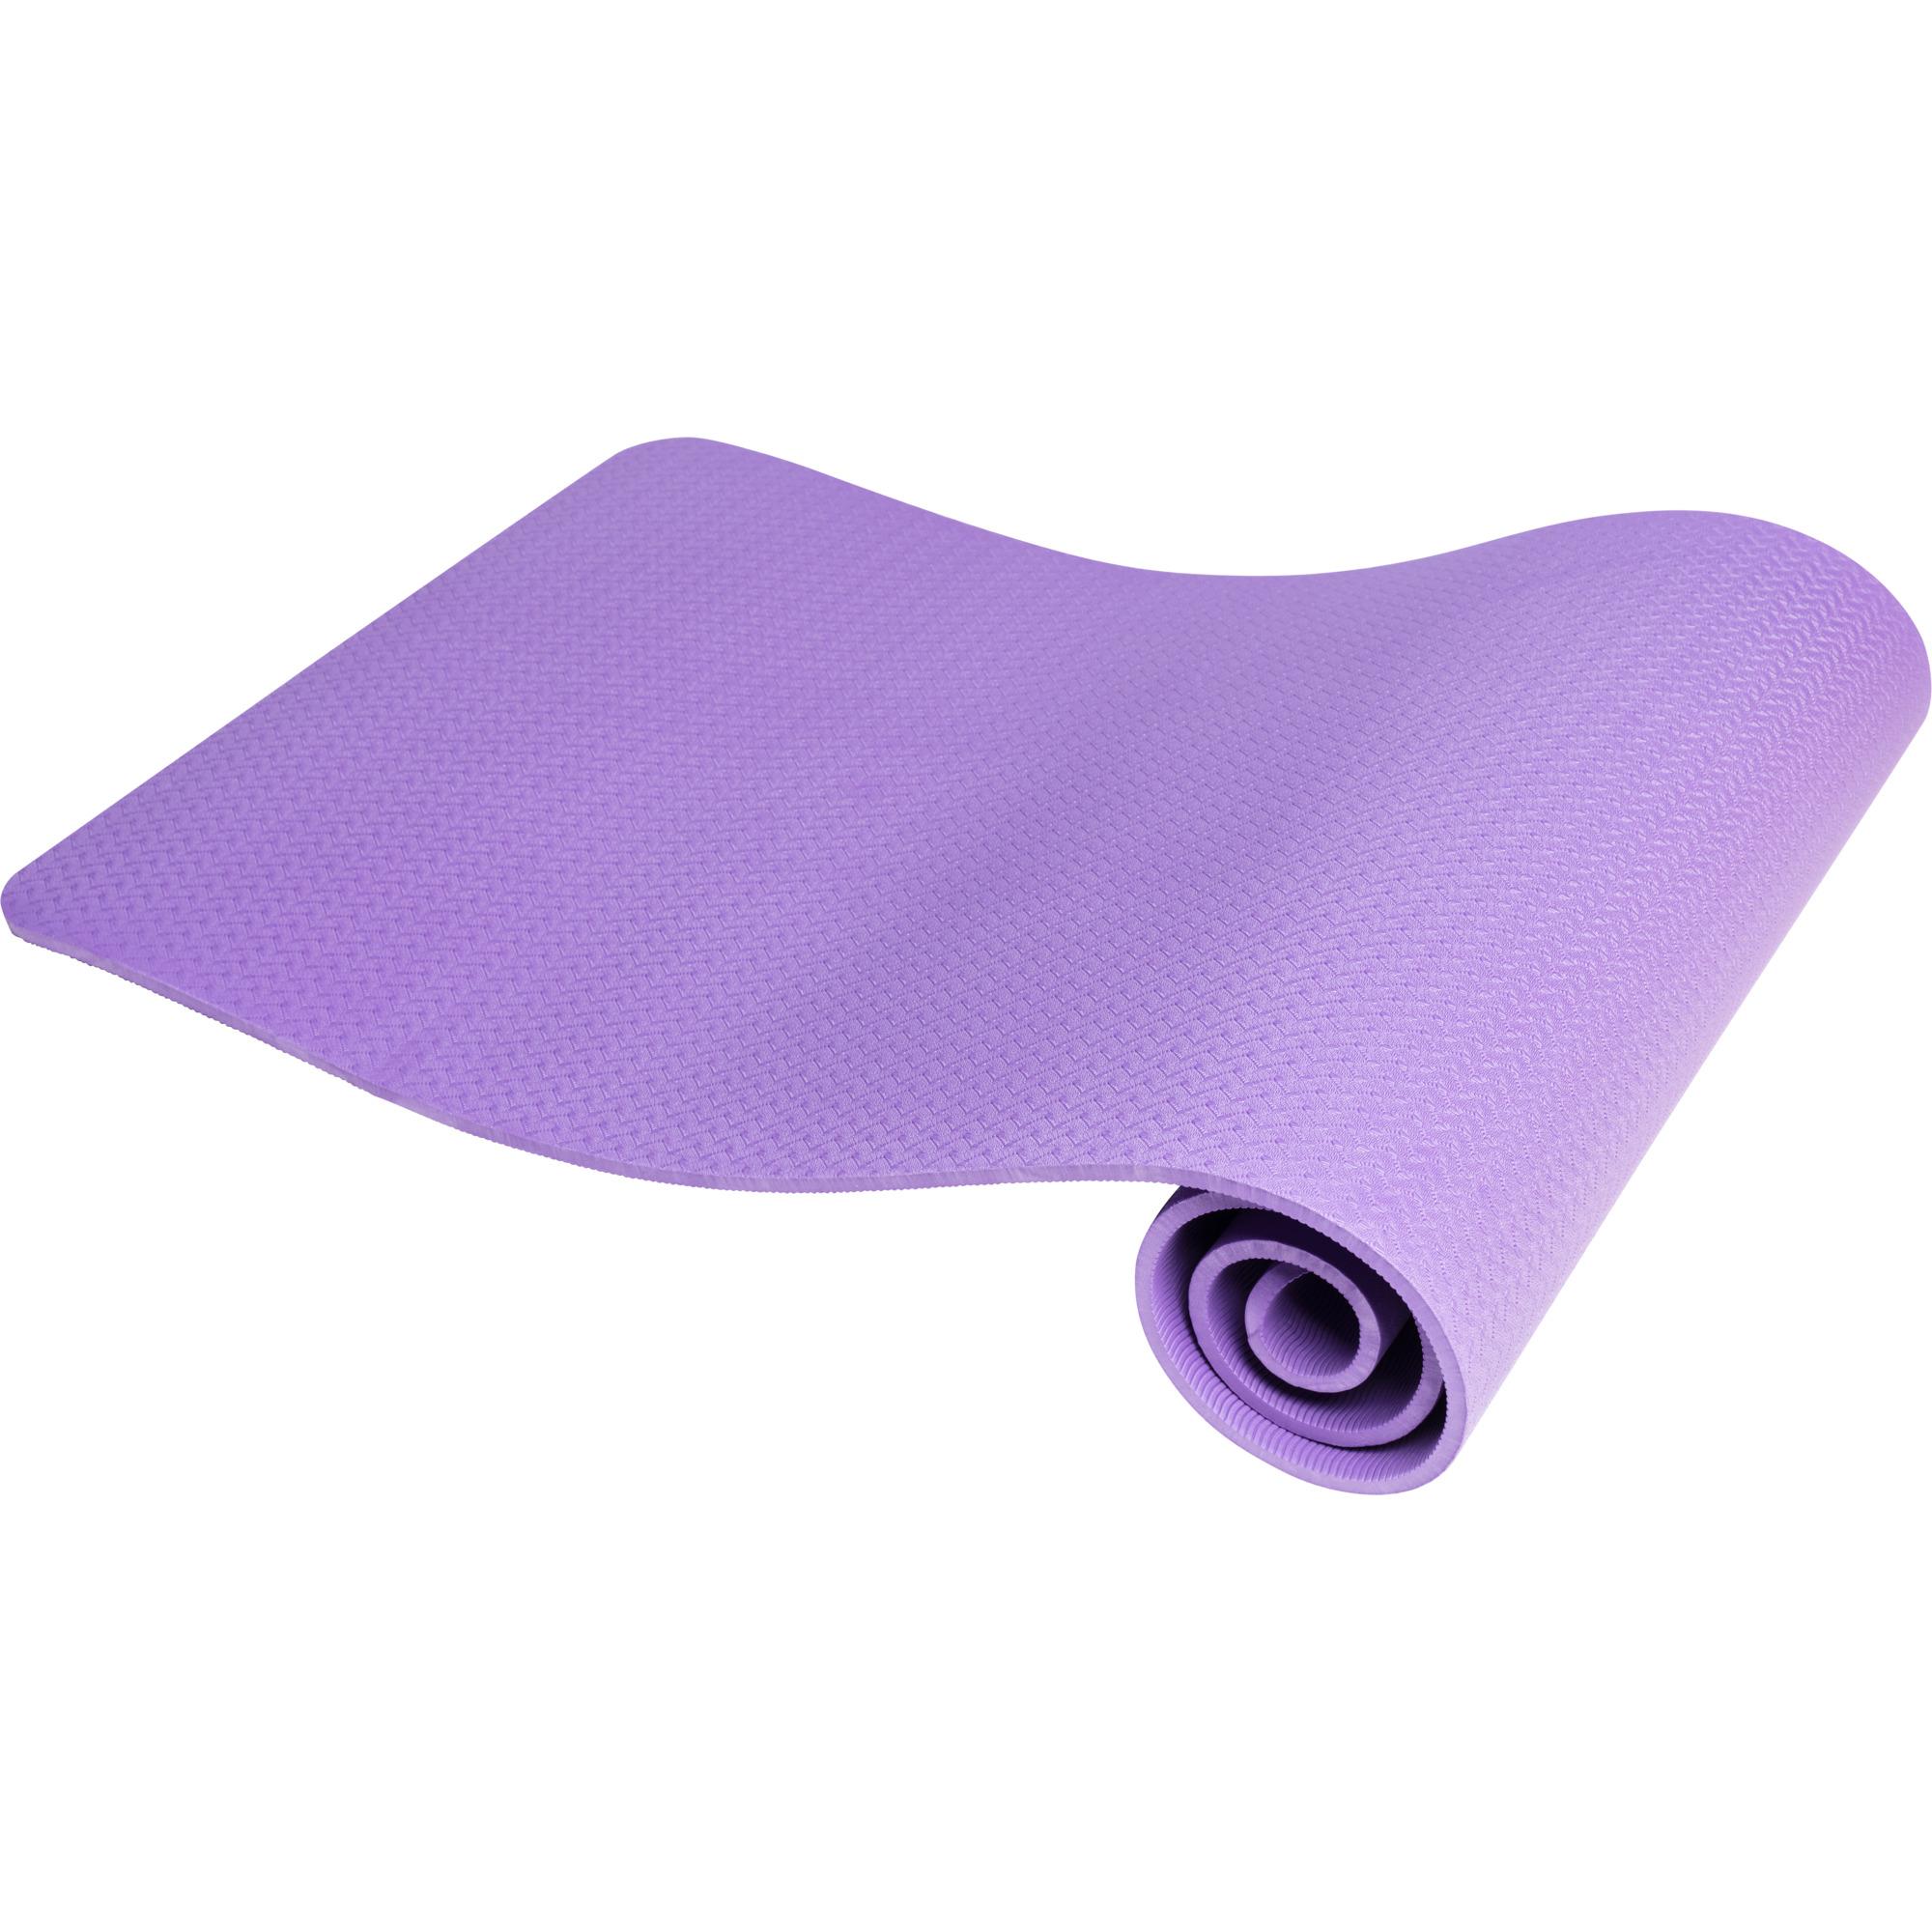 Yogamatte Dünn Purple 10 mm